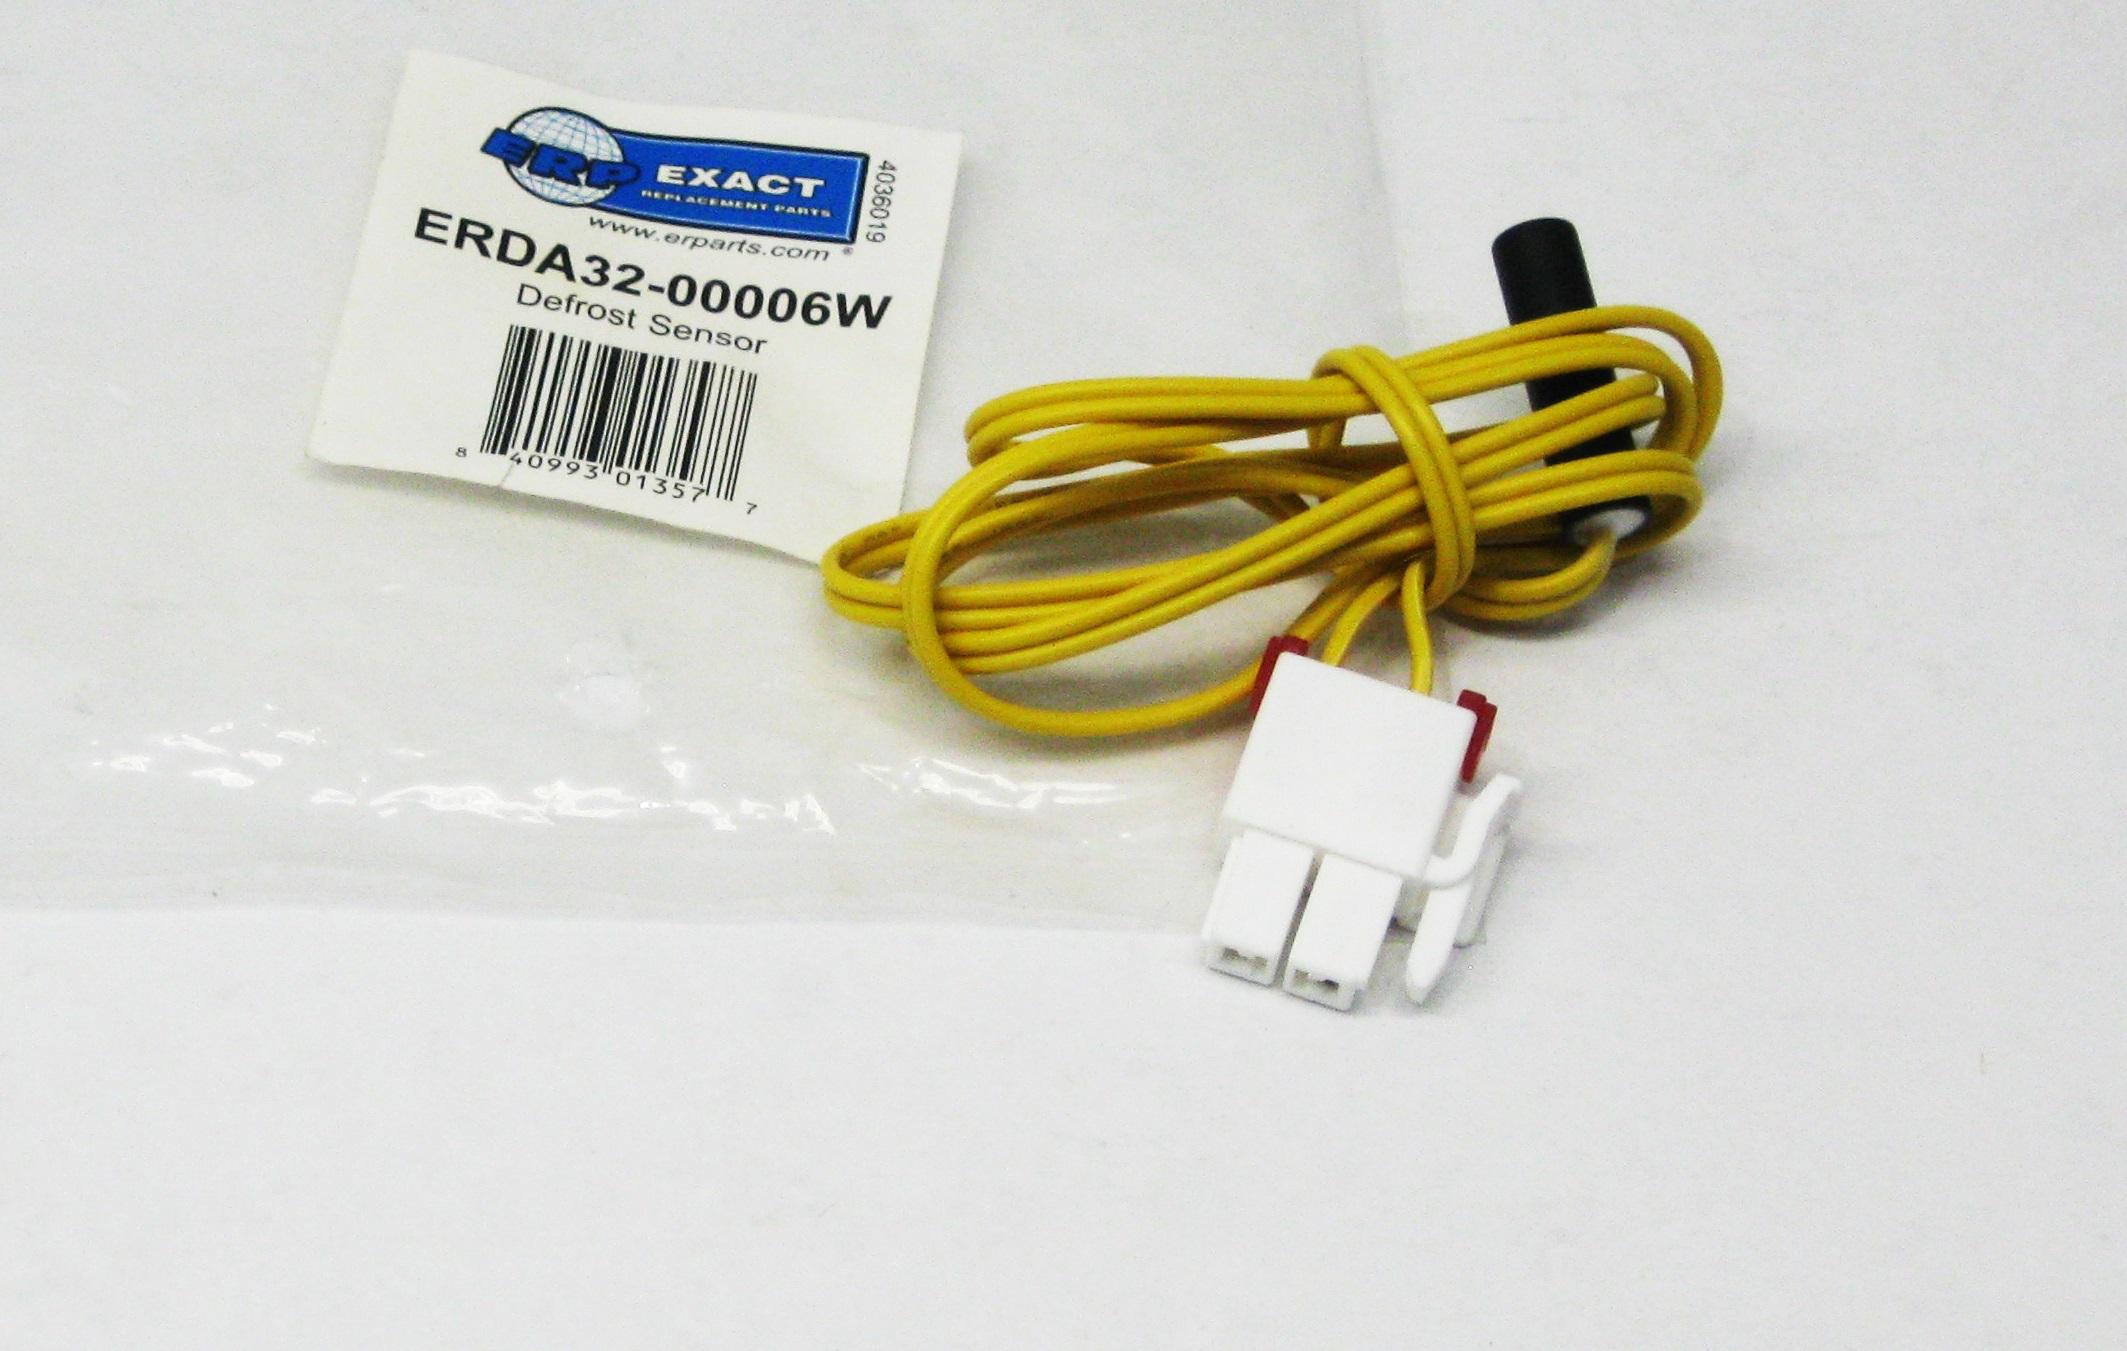 Da32 00006w Refrigerator Defrost Sensor For Samsung